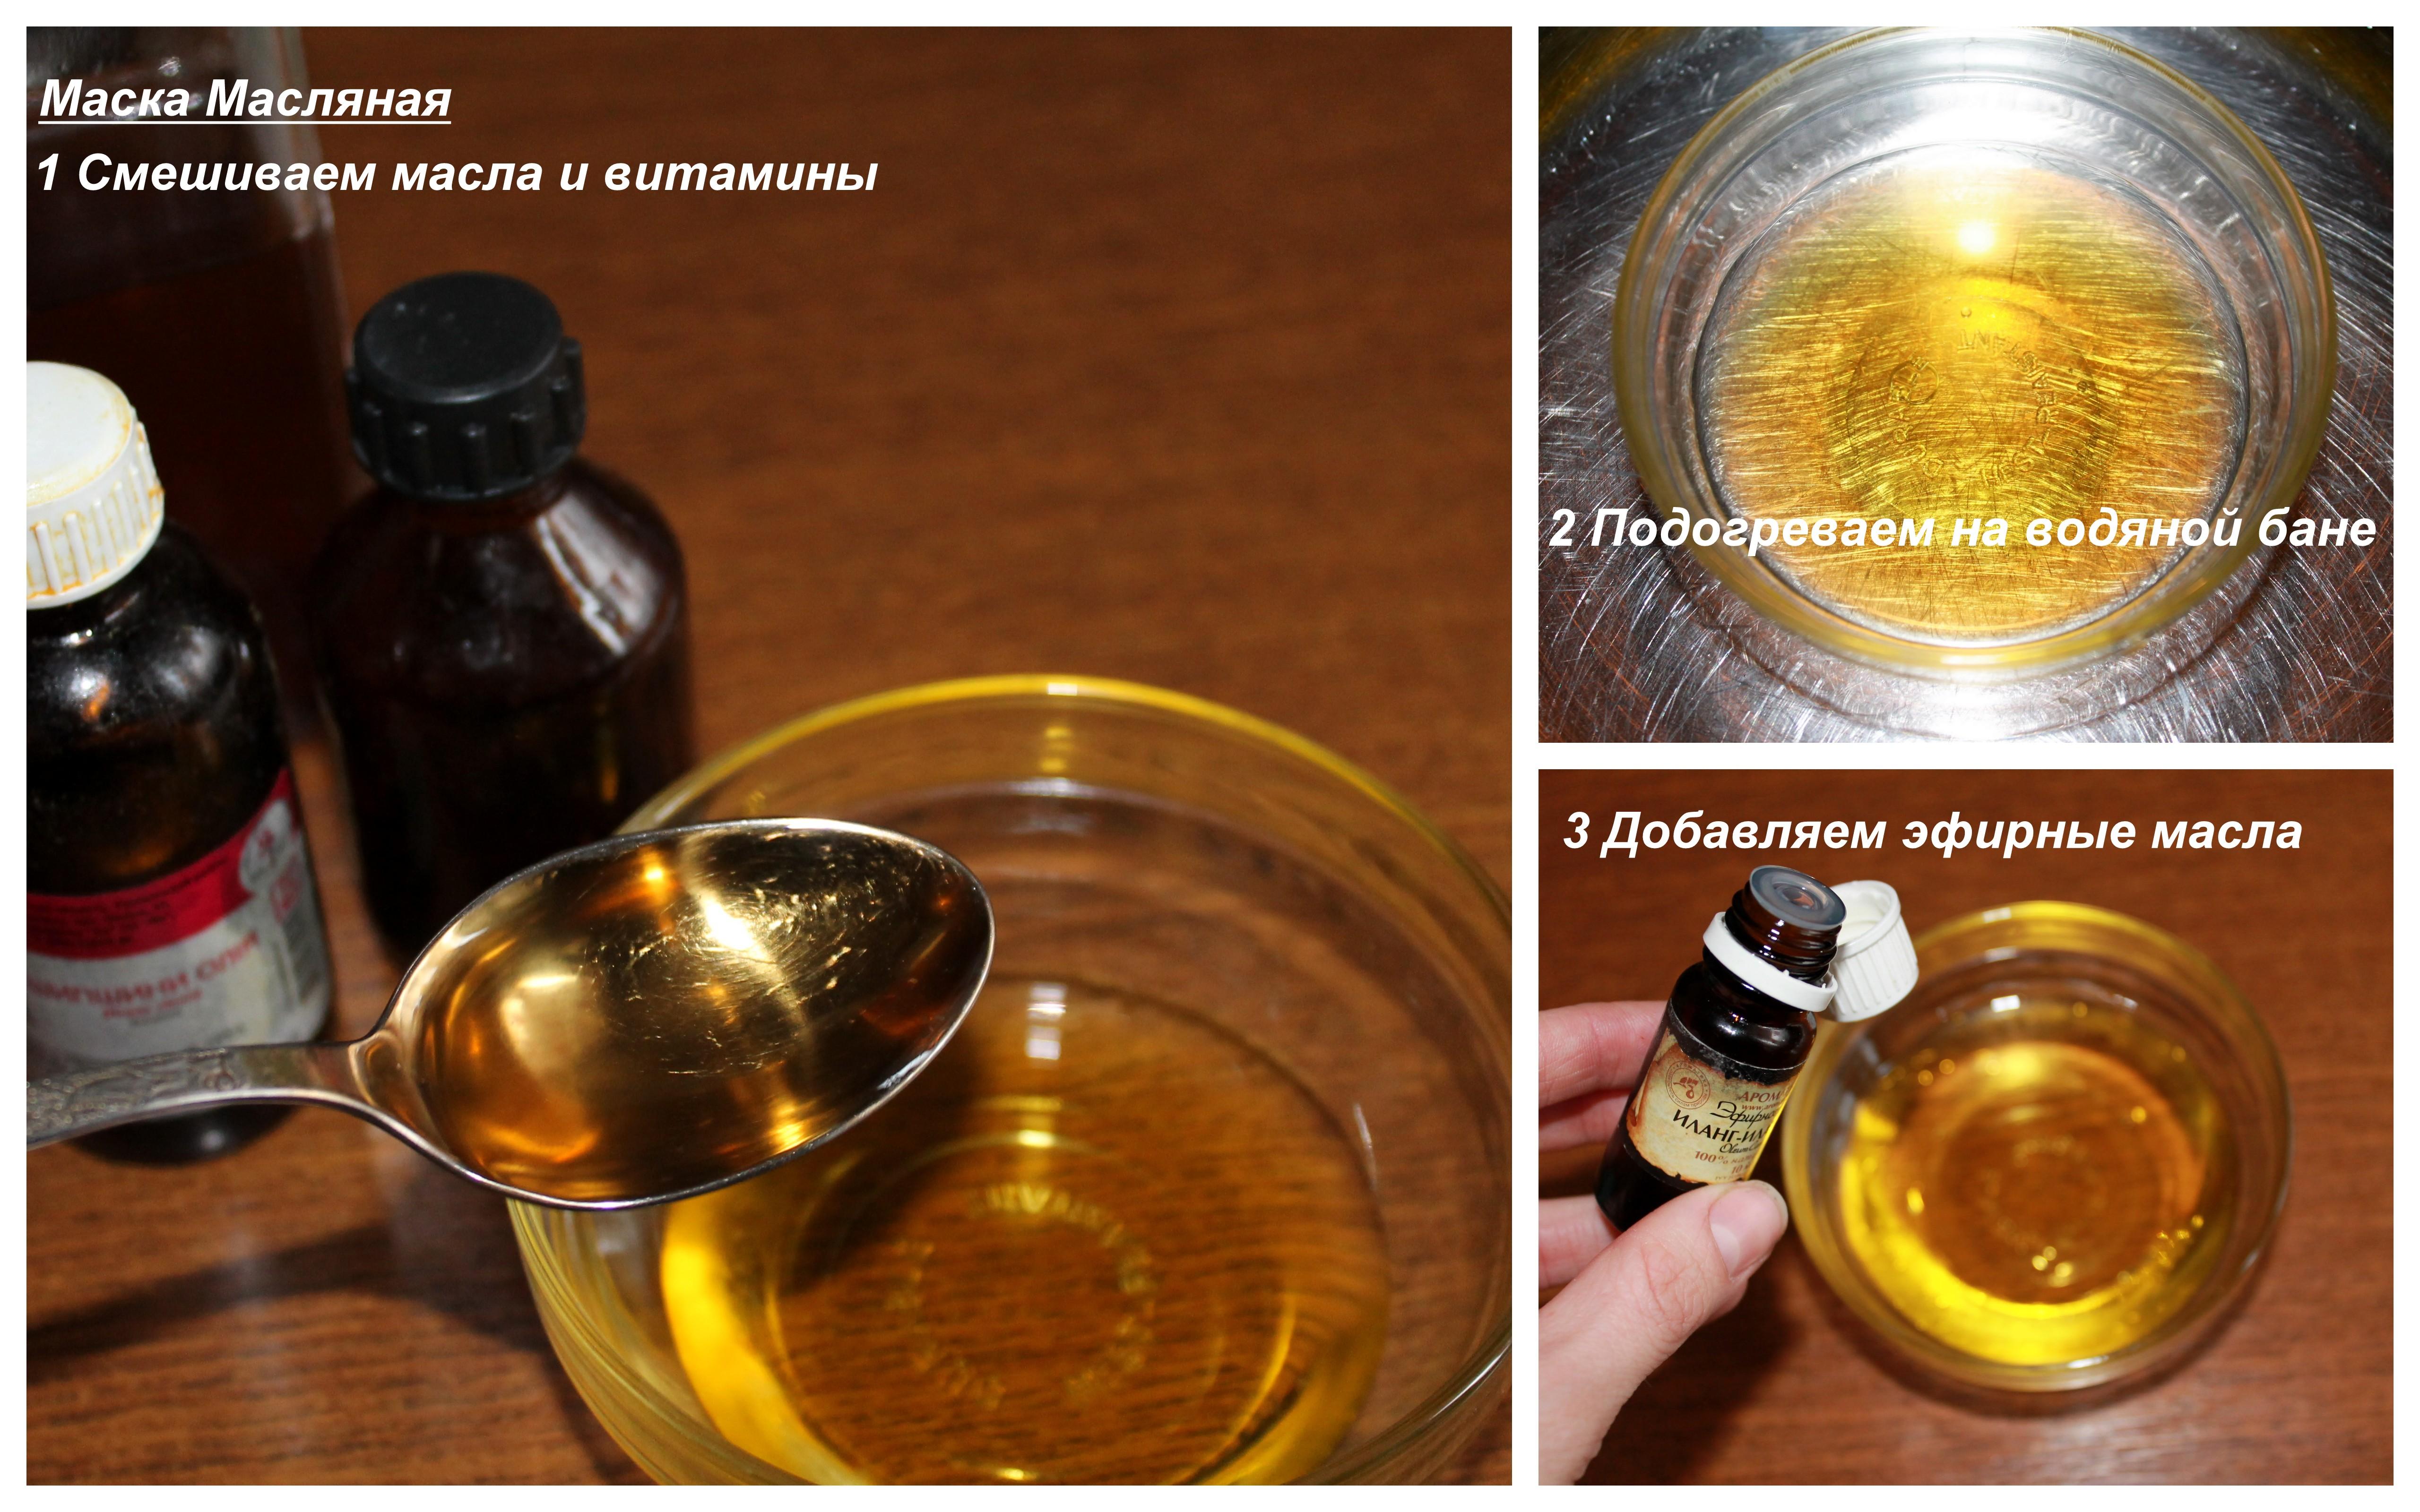 Маска для волос с витаминами и маслом в домашних условиях